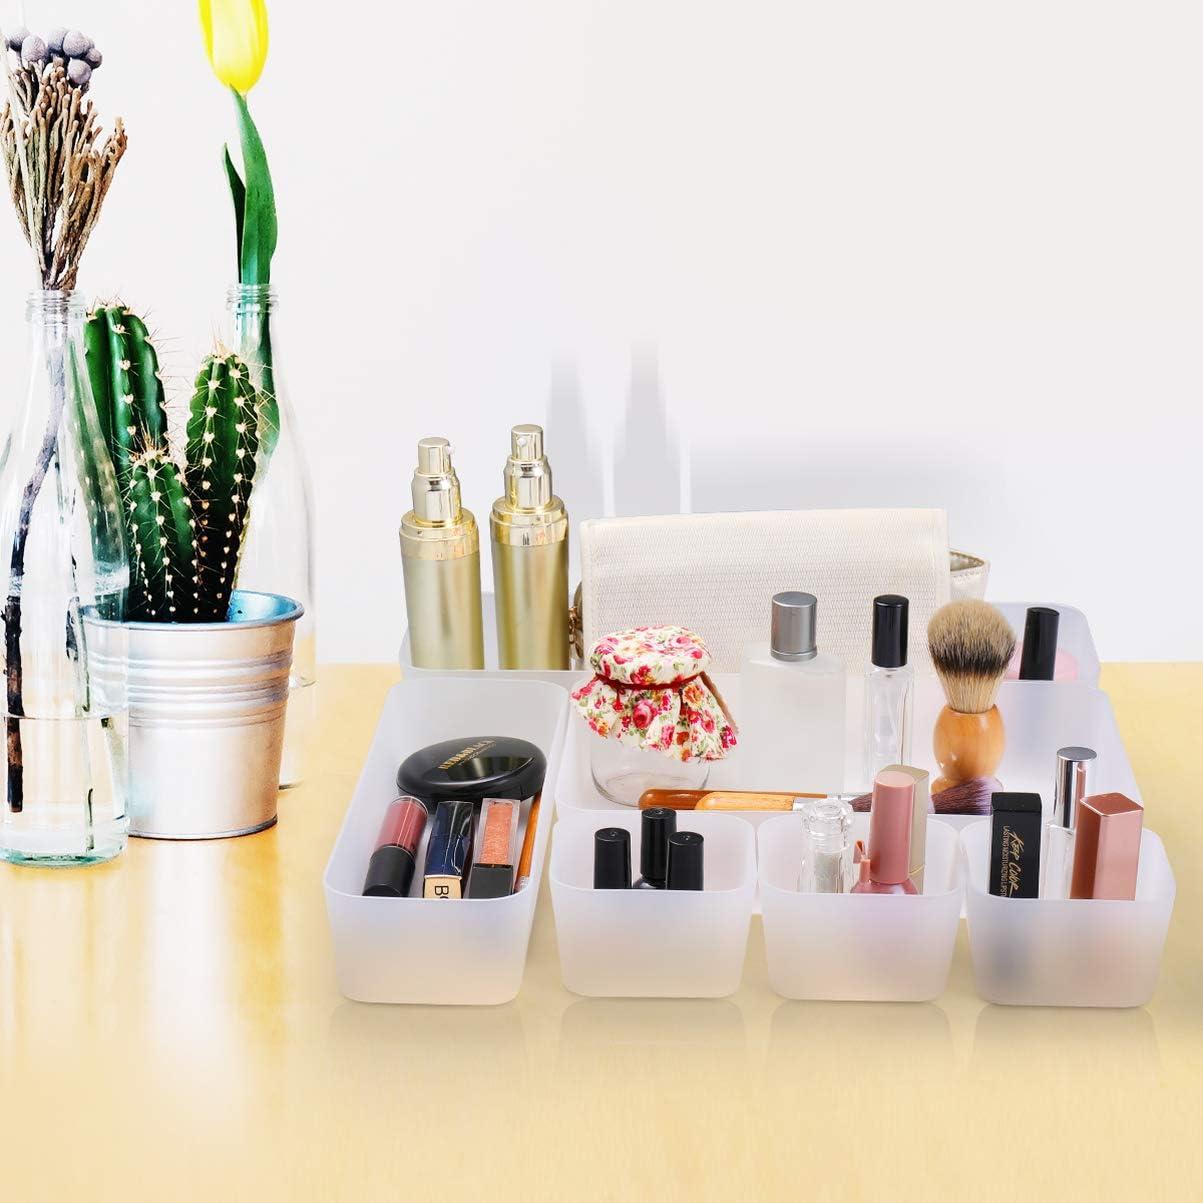 organizador de tocador y escritorio contenedores de maquillaje para cocina oficina ba/ño Cabilock Organizador de cajones con revestimiento de estantes 7 unidades 30 x 150 mm